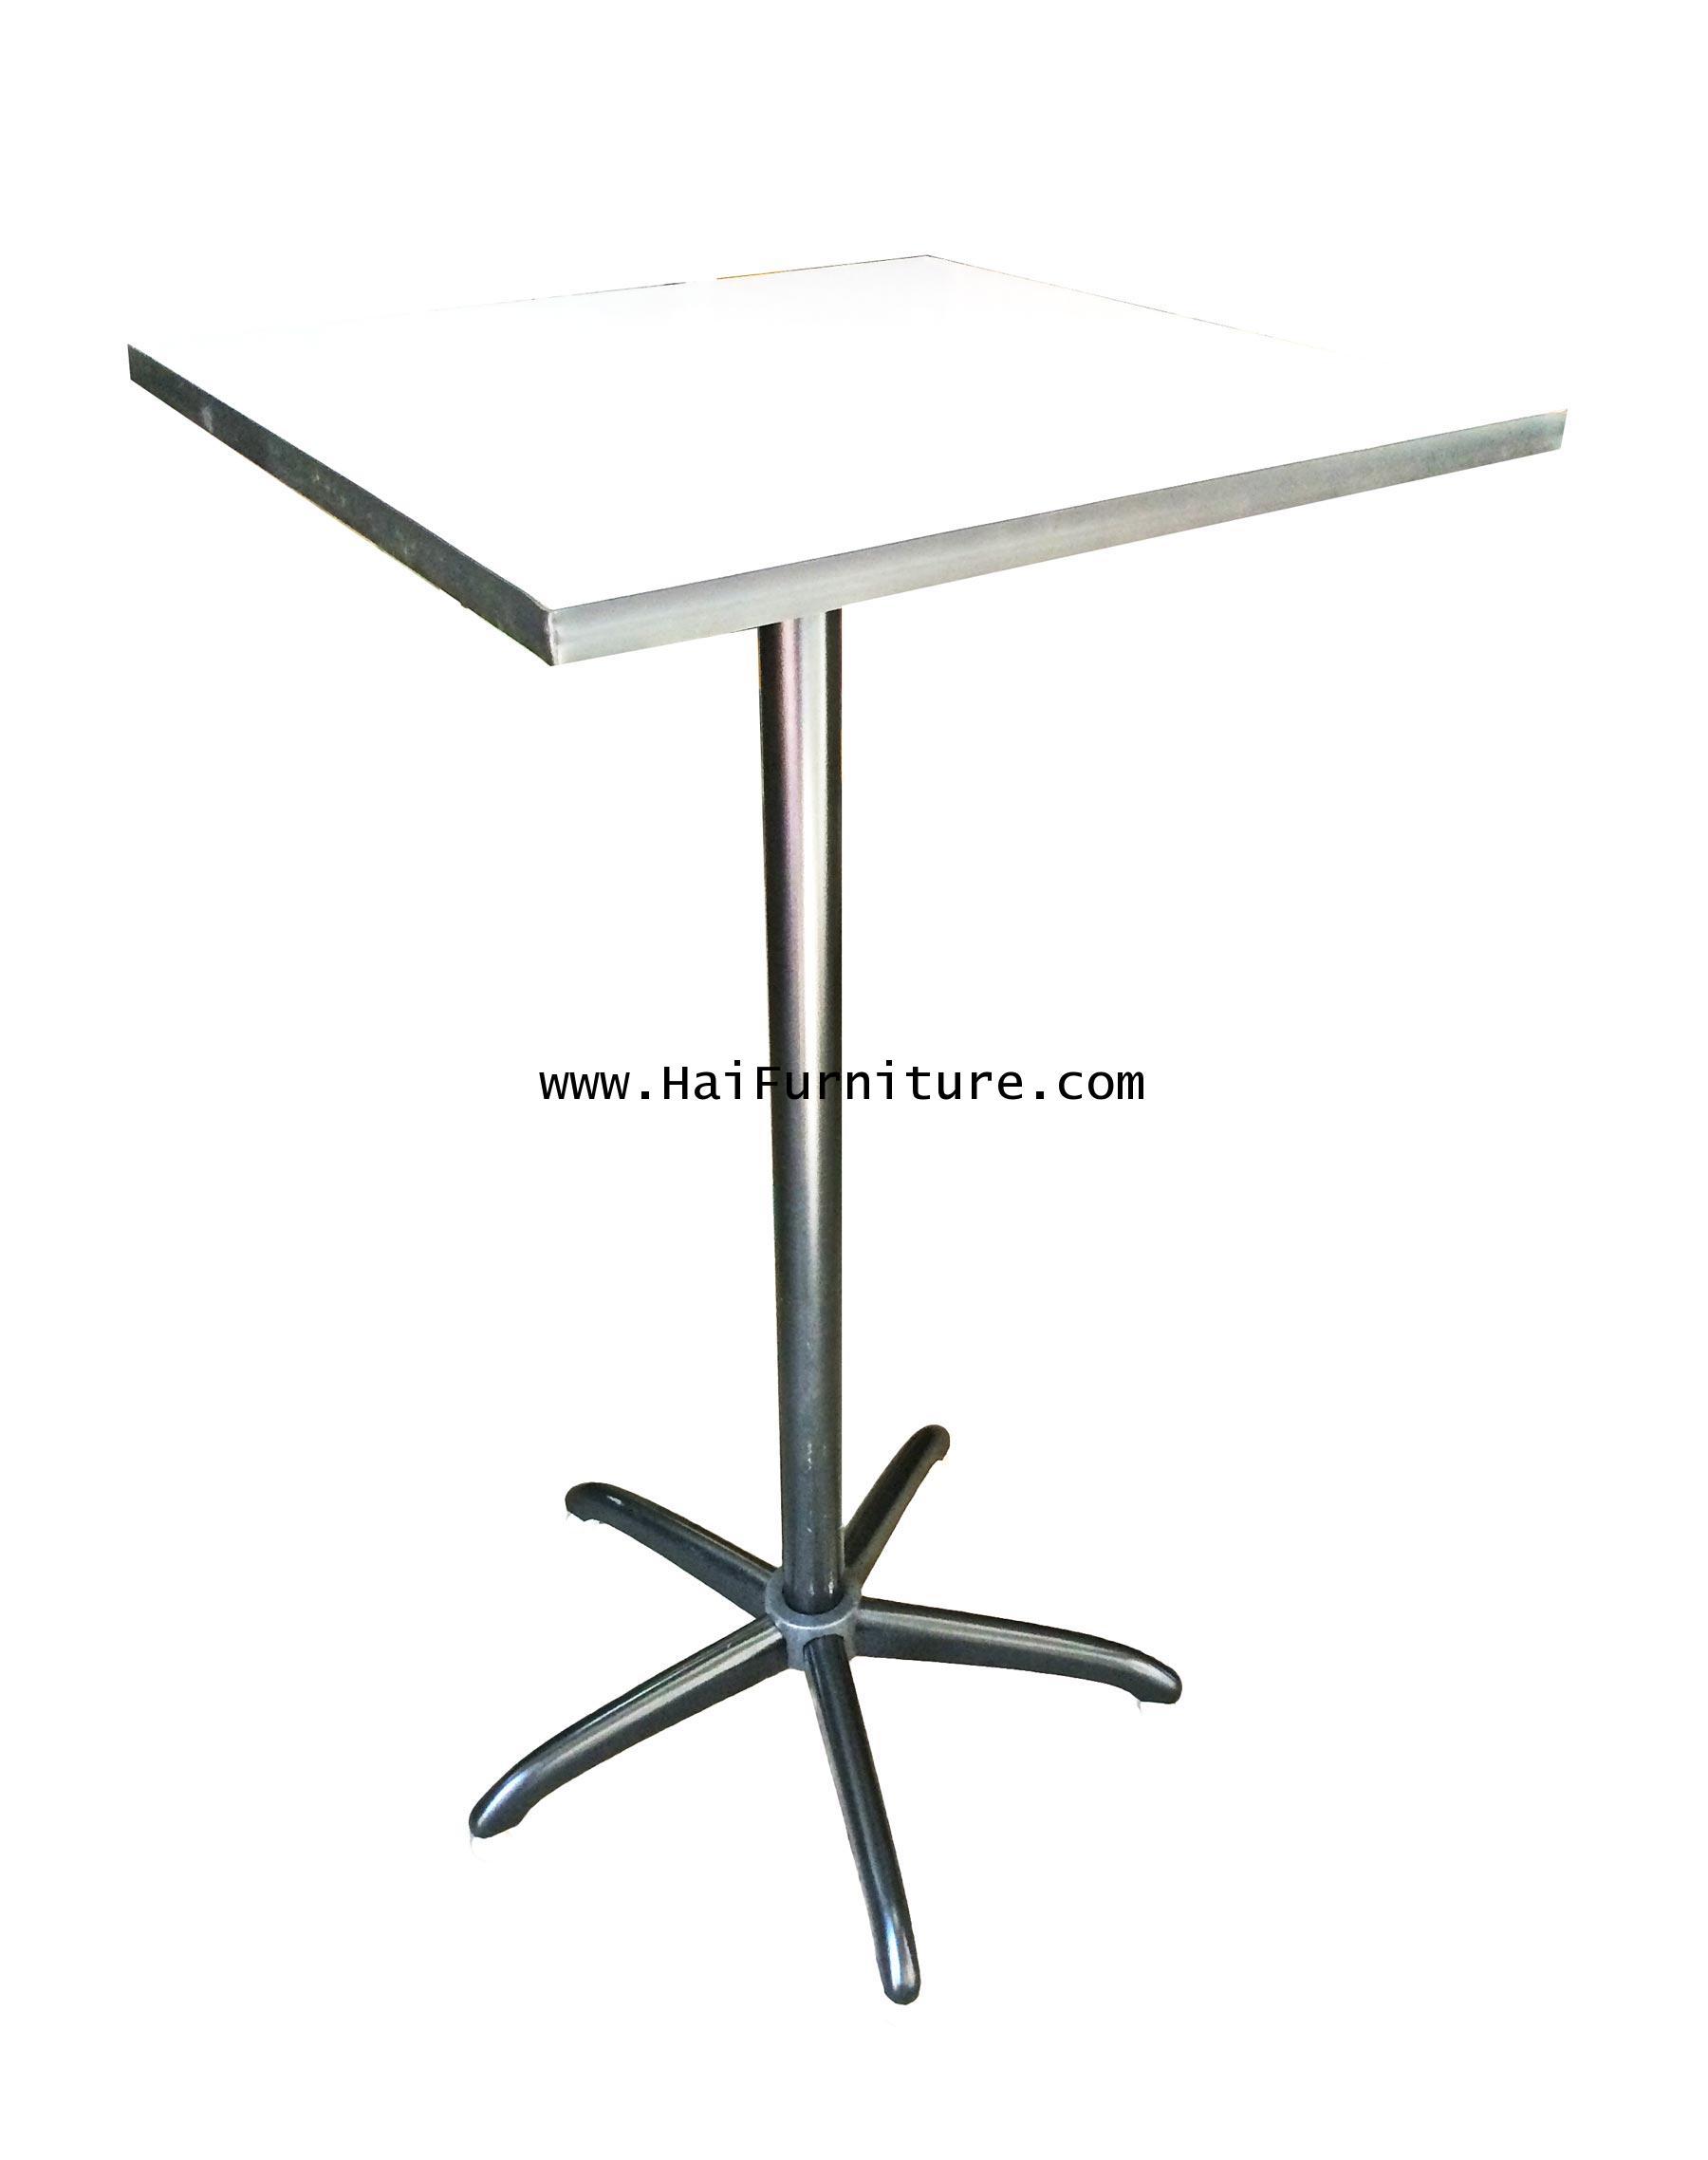 โต๊ะบาร์สี่เหลียมจตุรัส 60*60*110 ซม.